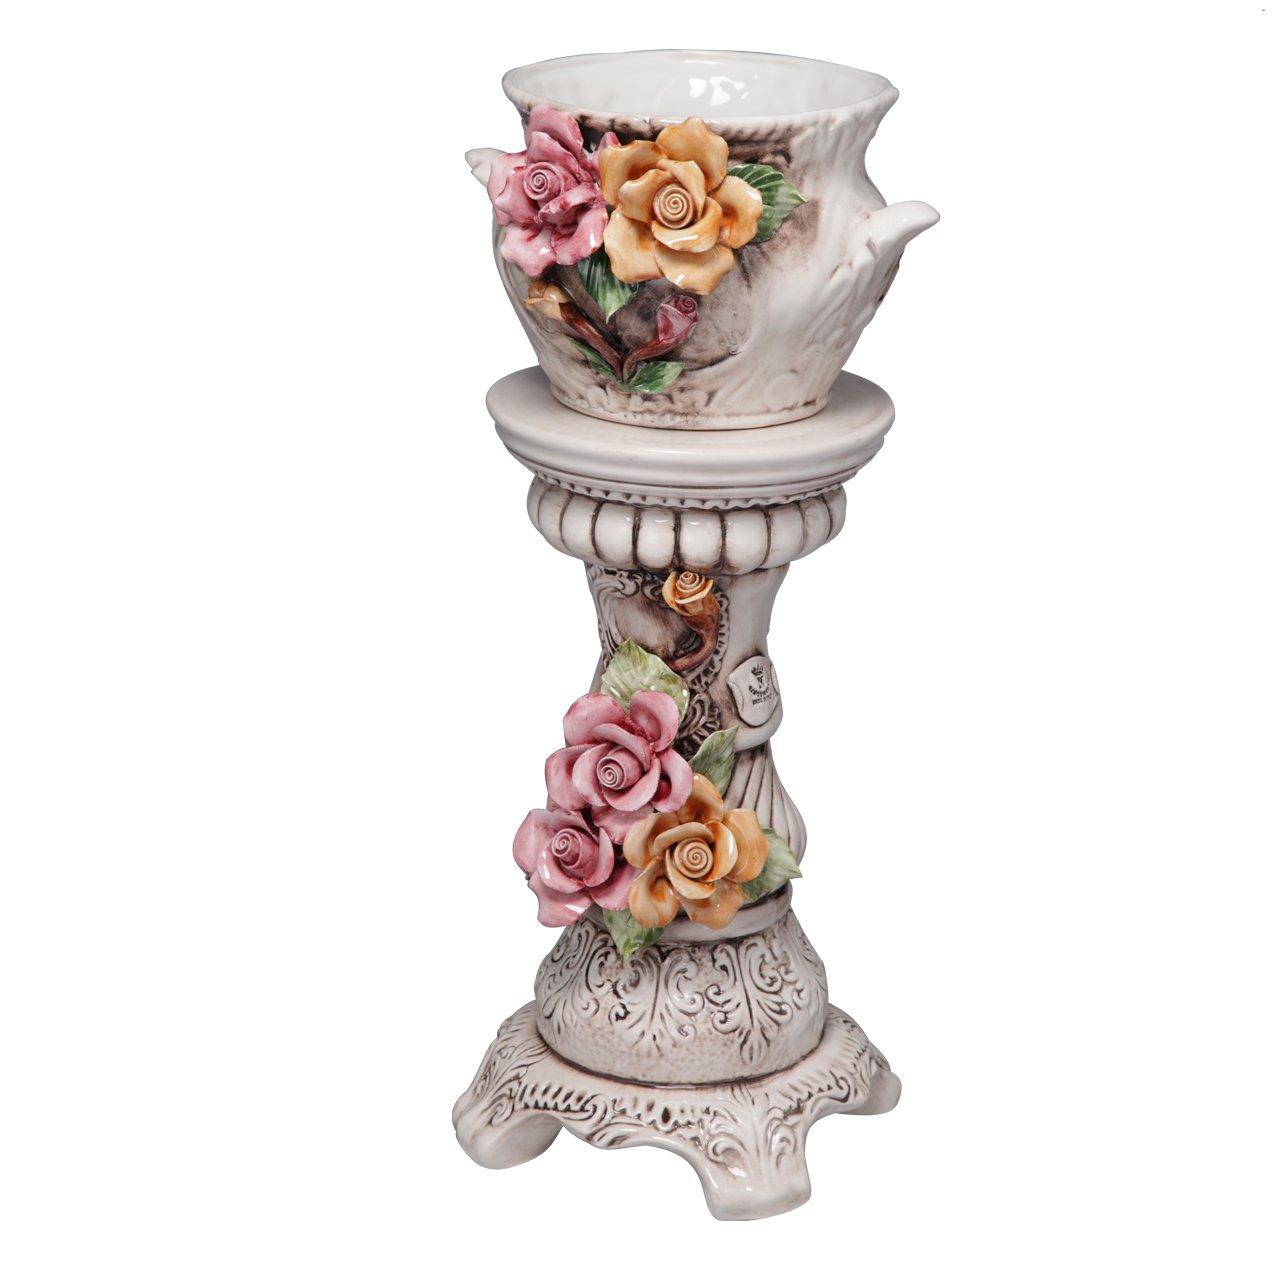 ヴェローナアクセサリーズ 陶製コラムポット B00TTK1U0Q